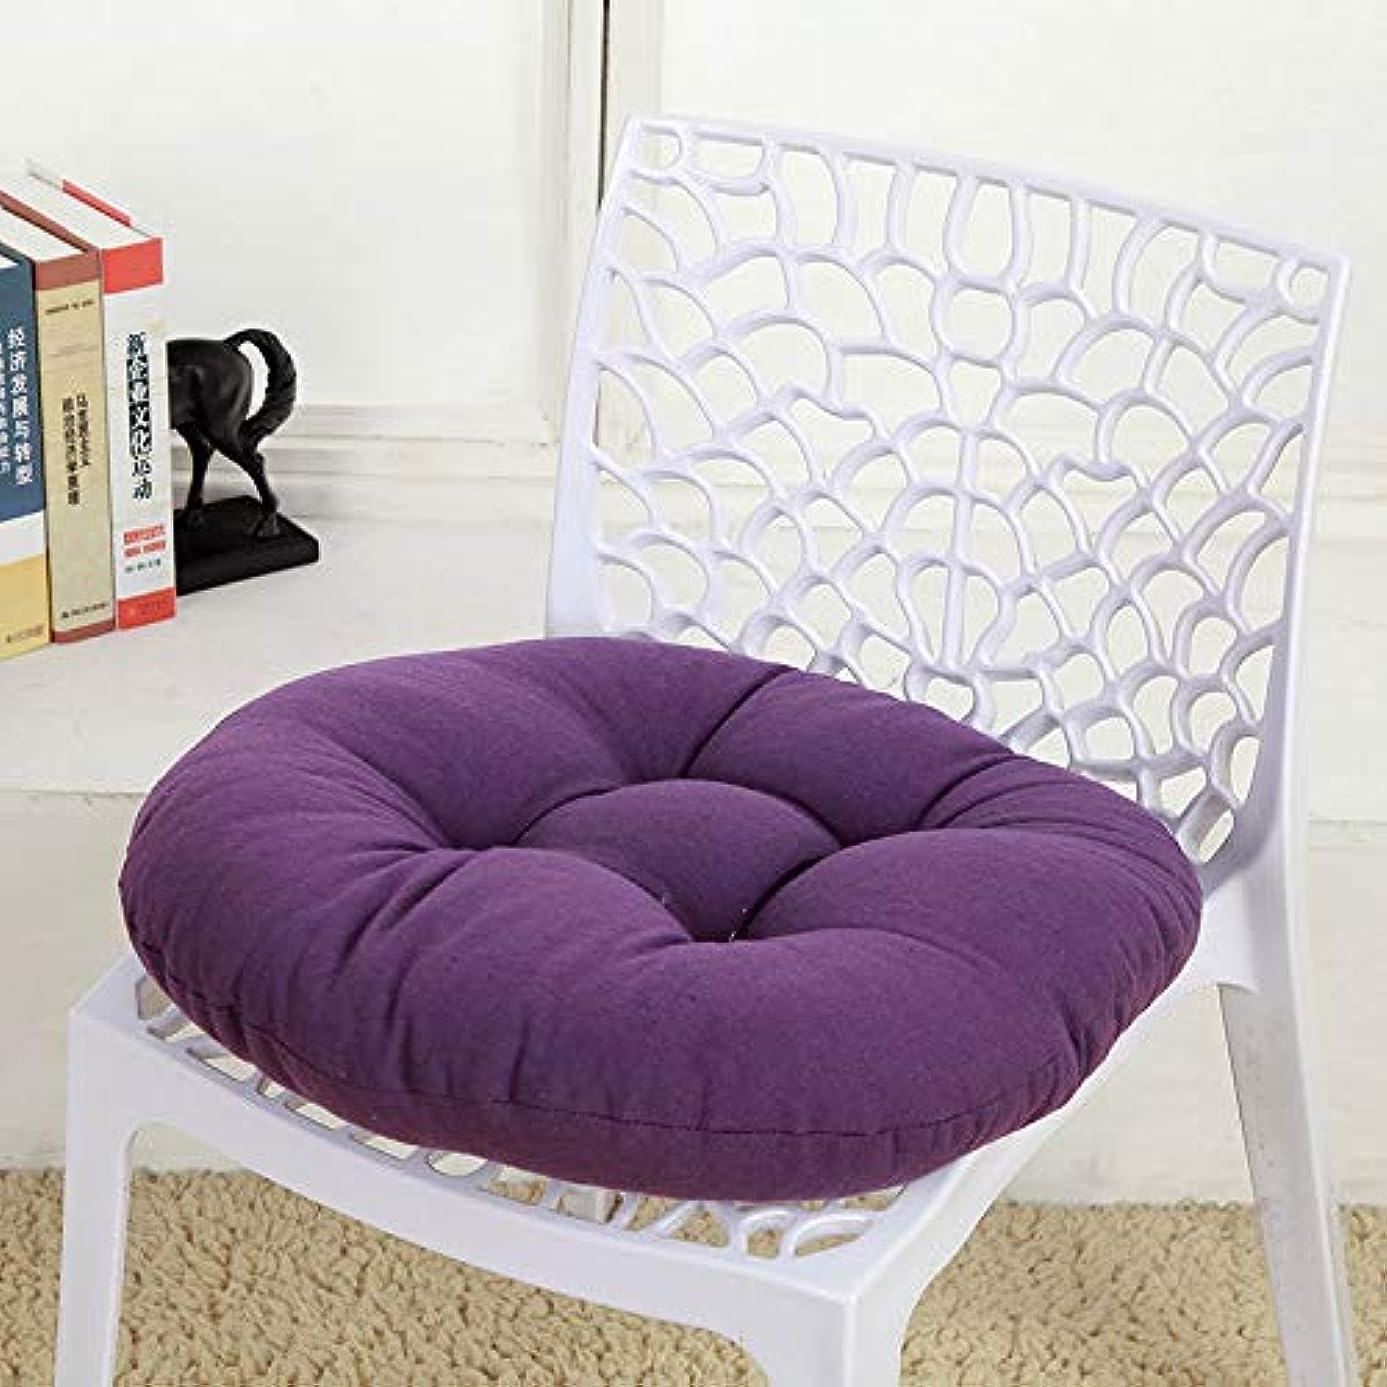 冷蔵庫操縦する一致LIFE キャンディカラーのクッションラウンドシートクッション波ウィンドウシートクッションクッション家の装飾パッドラウンド枕シート枕椅子座る枕 クッション 椅子